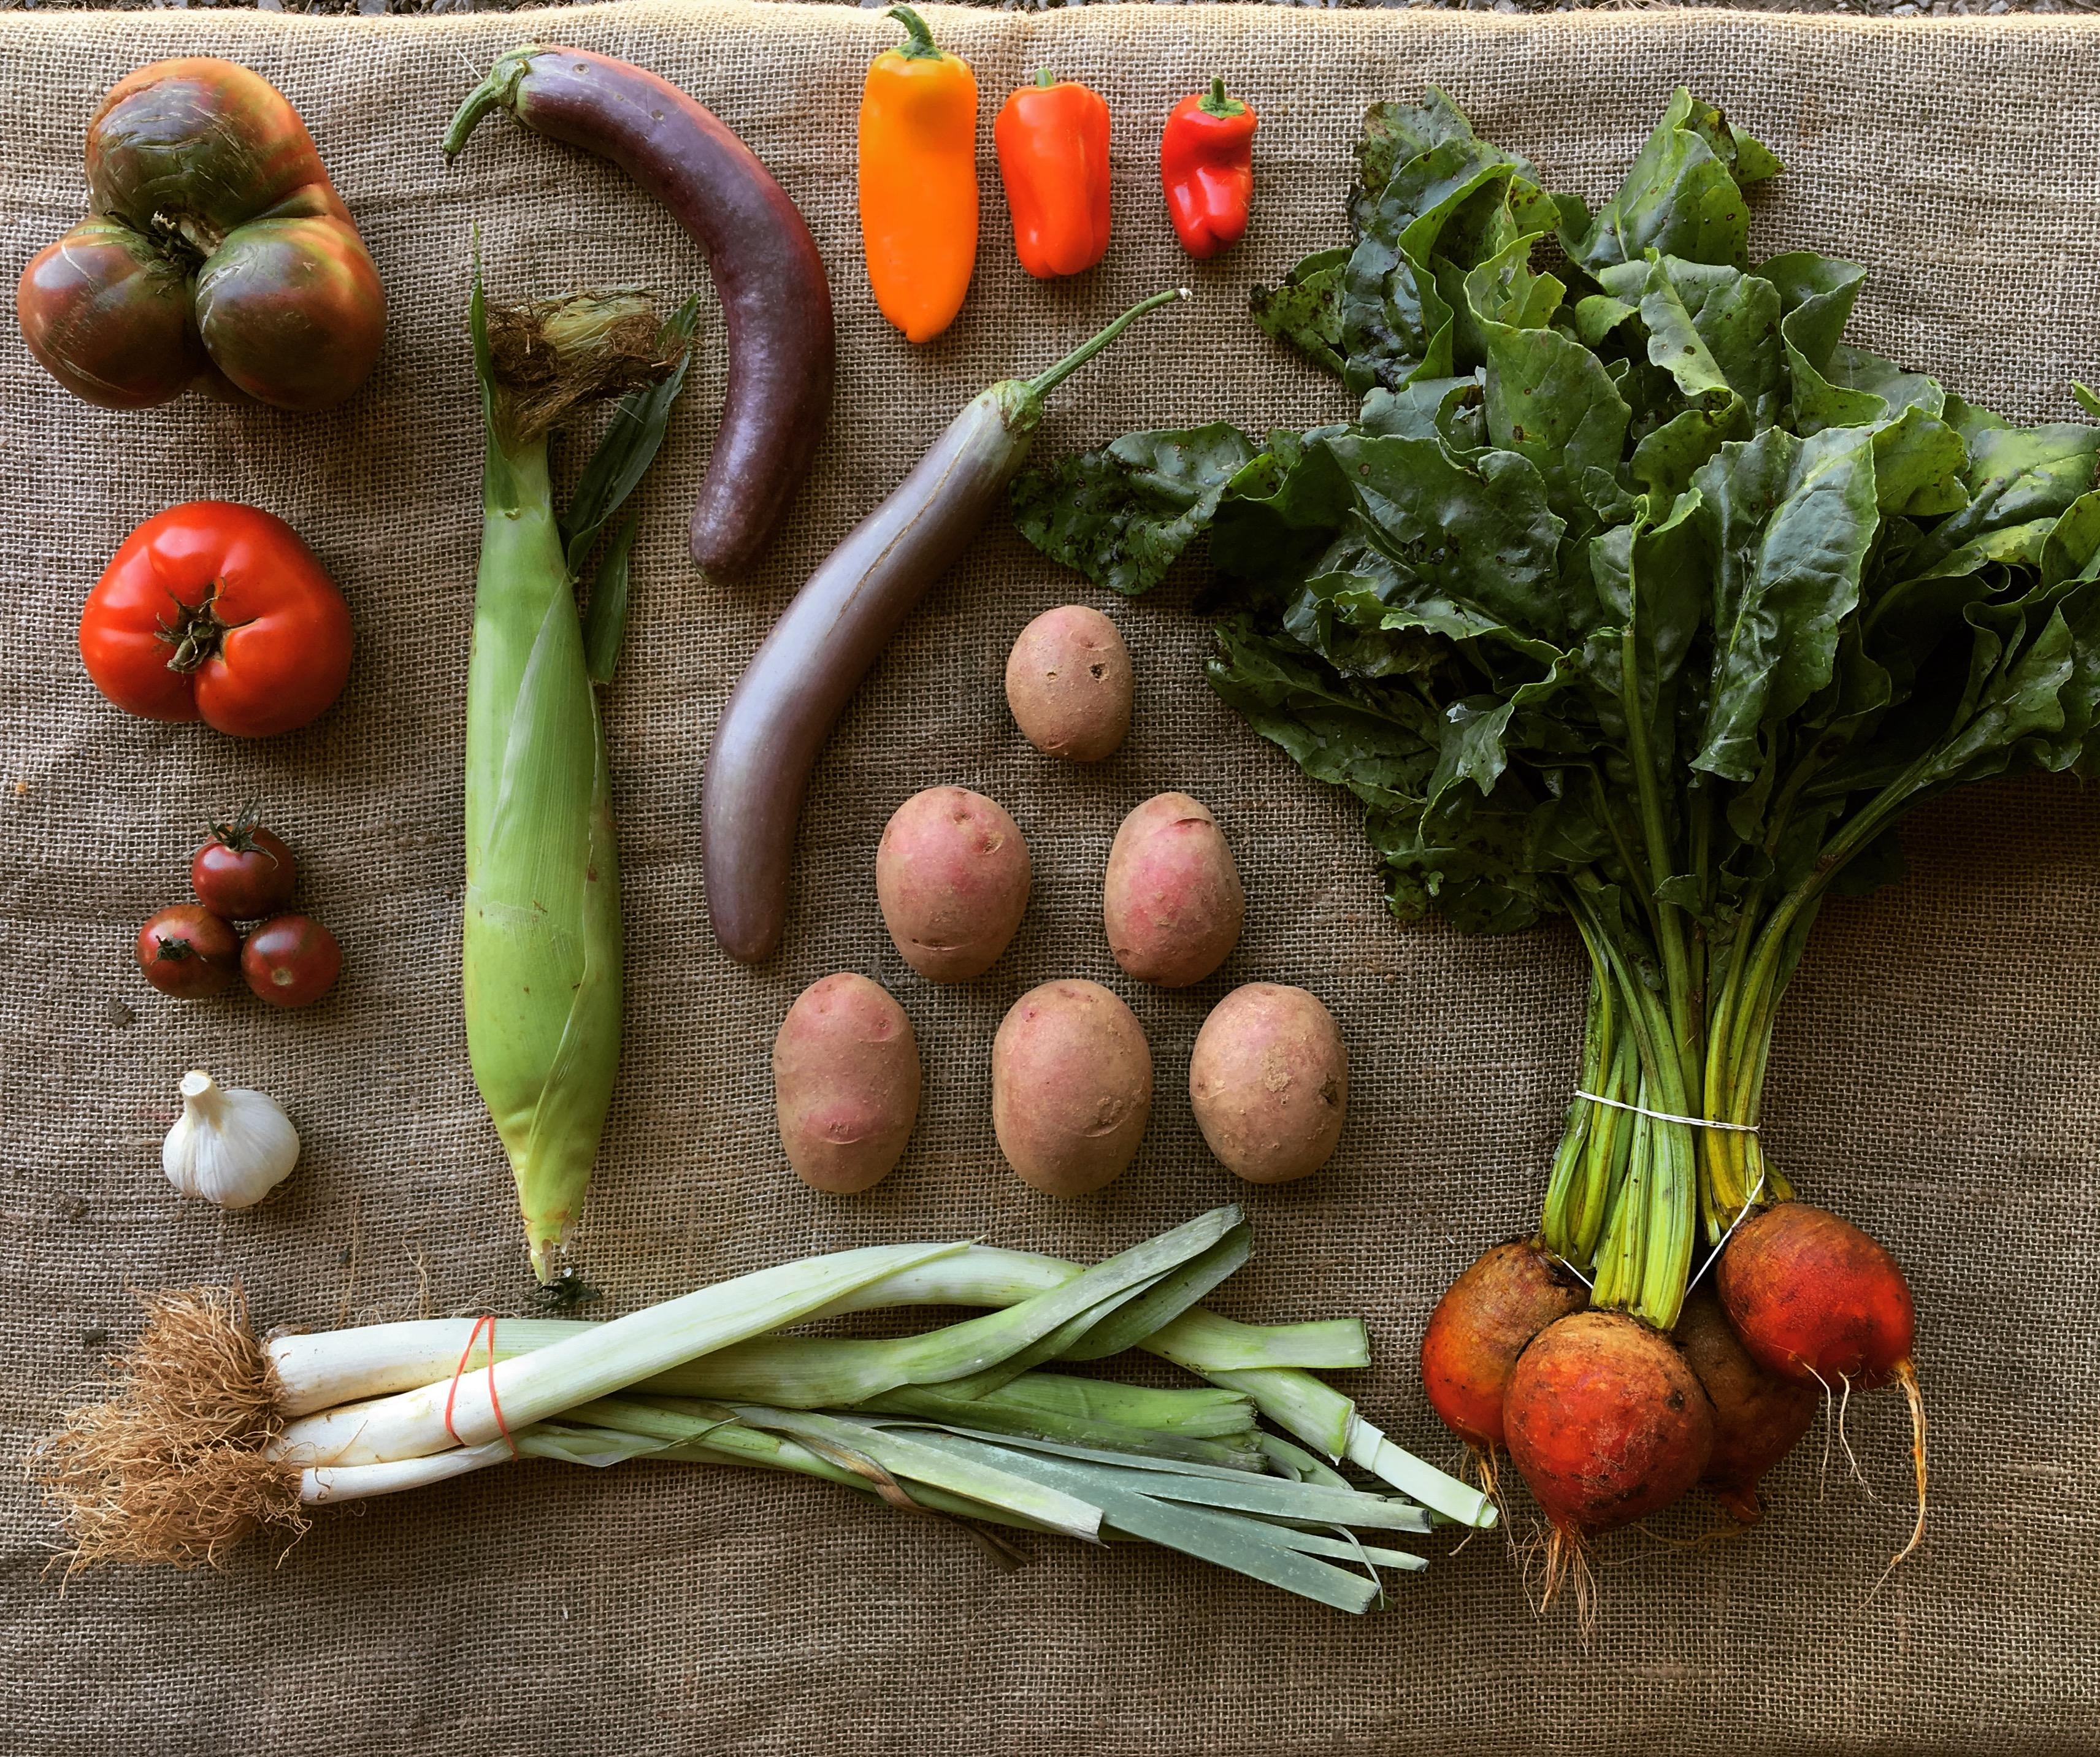 Smaller - Summer Season Vegetable